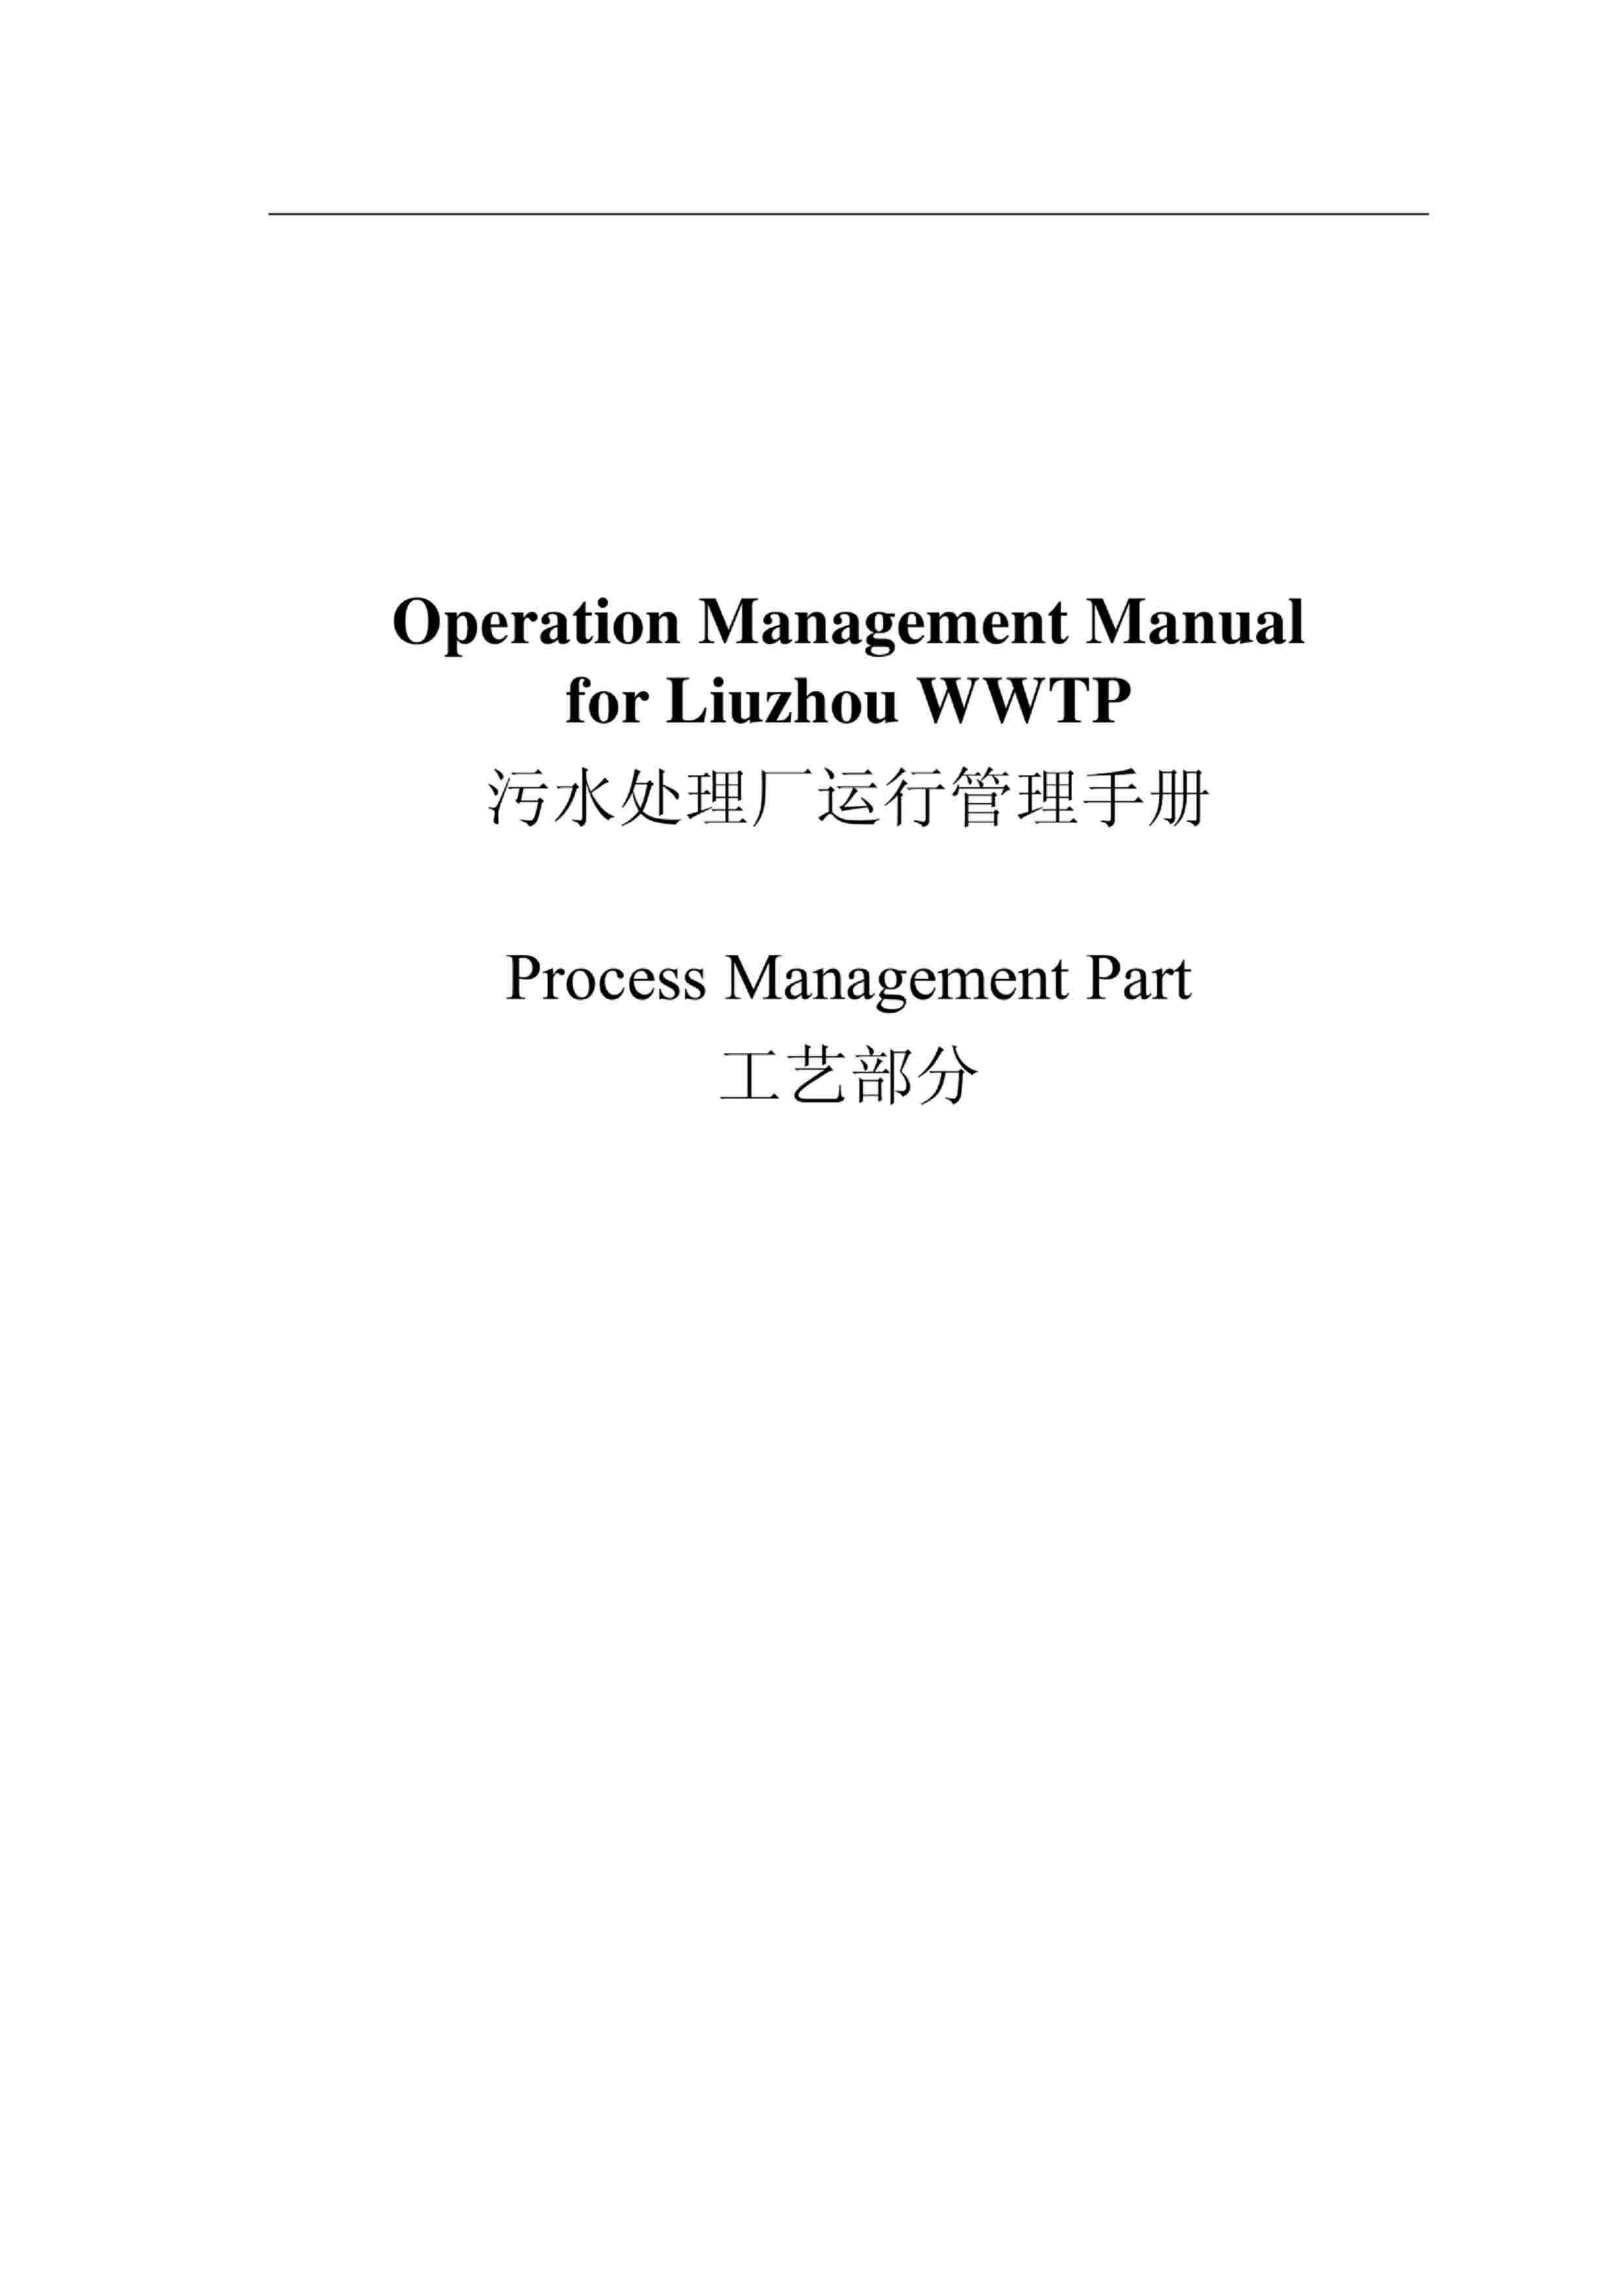 污水处理厂运行管理手册-工艺部分